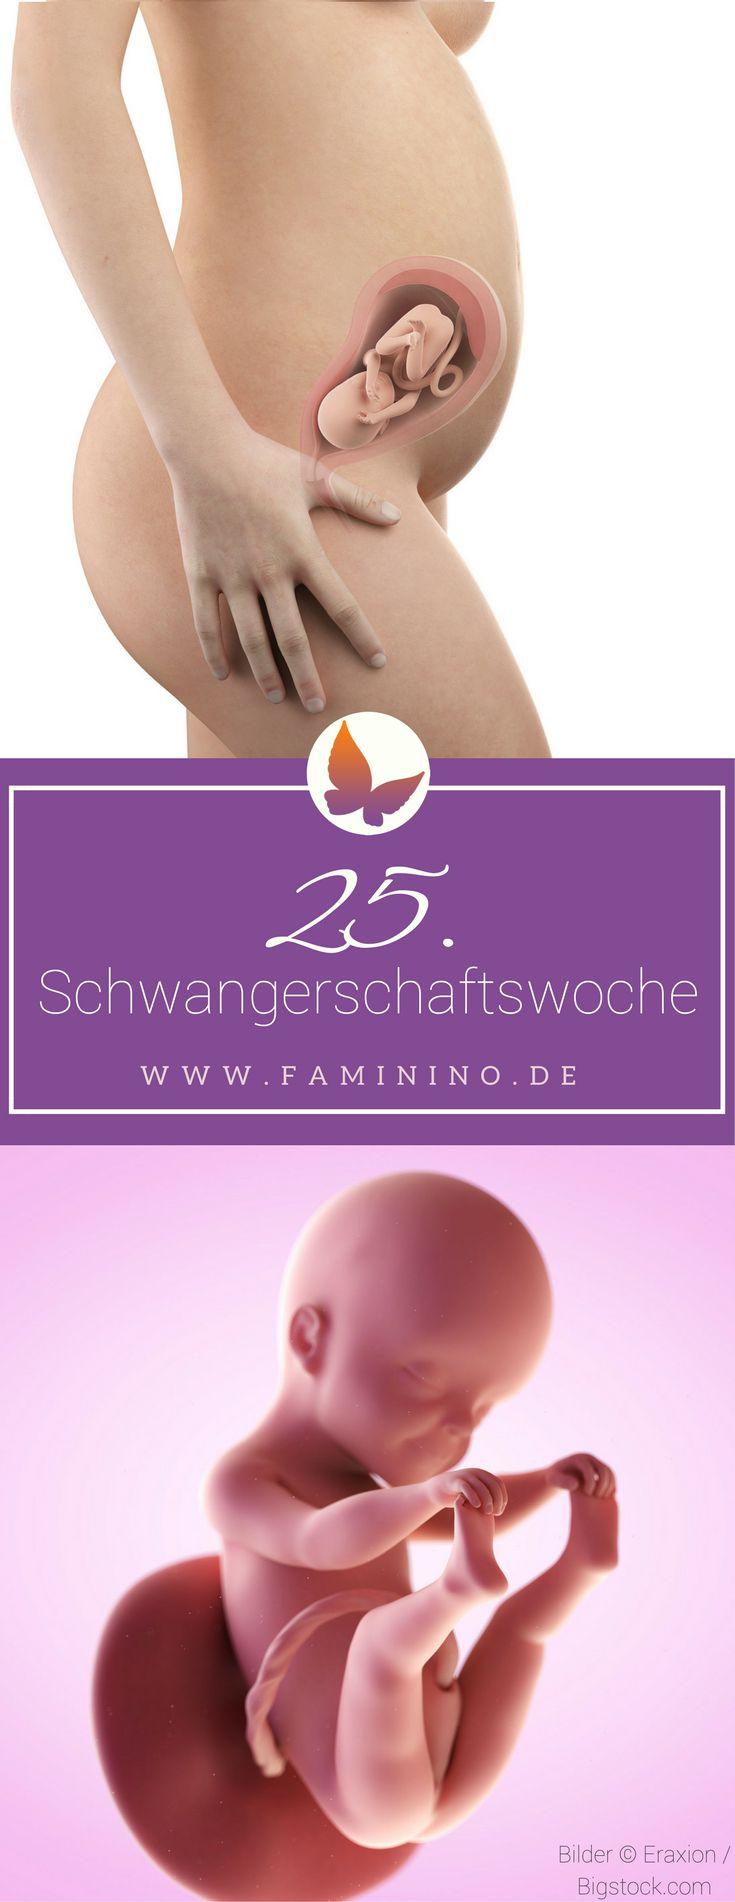 25. SSW (Schwangerschaftswoche): Dein Baby, dein Körper, Beschwerden und mehr